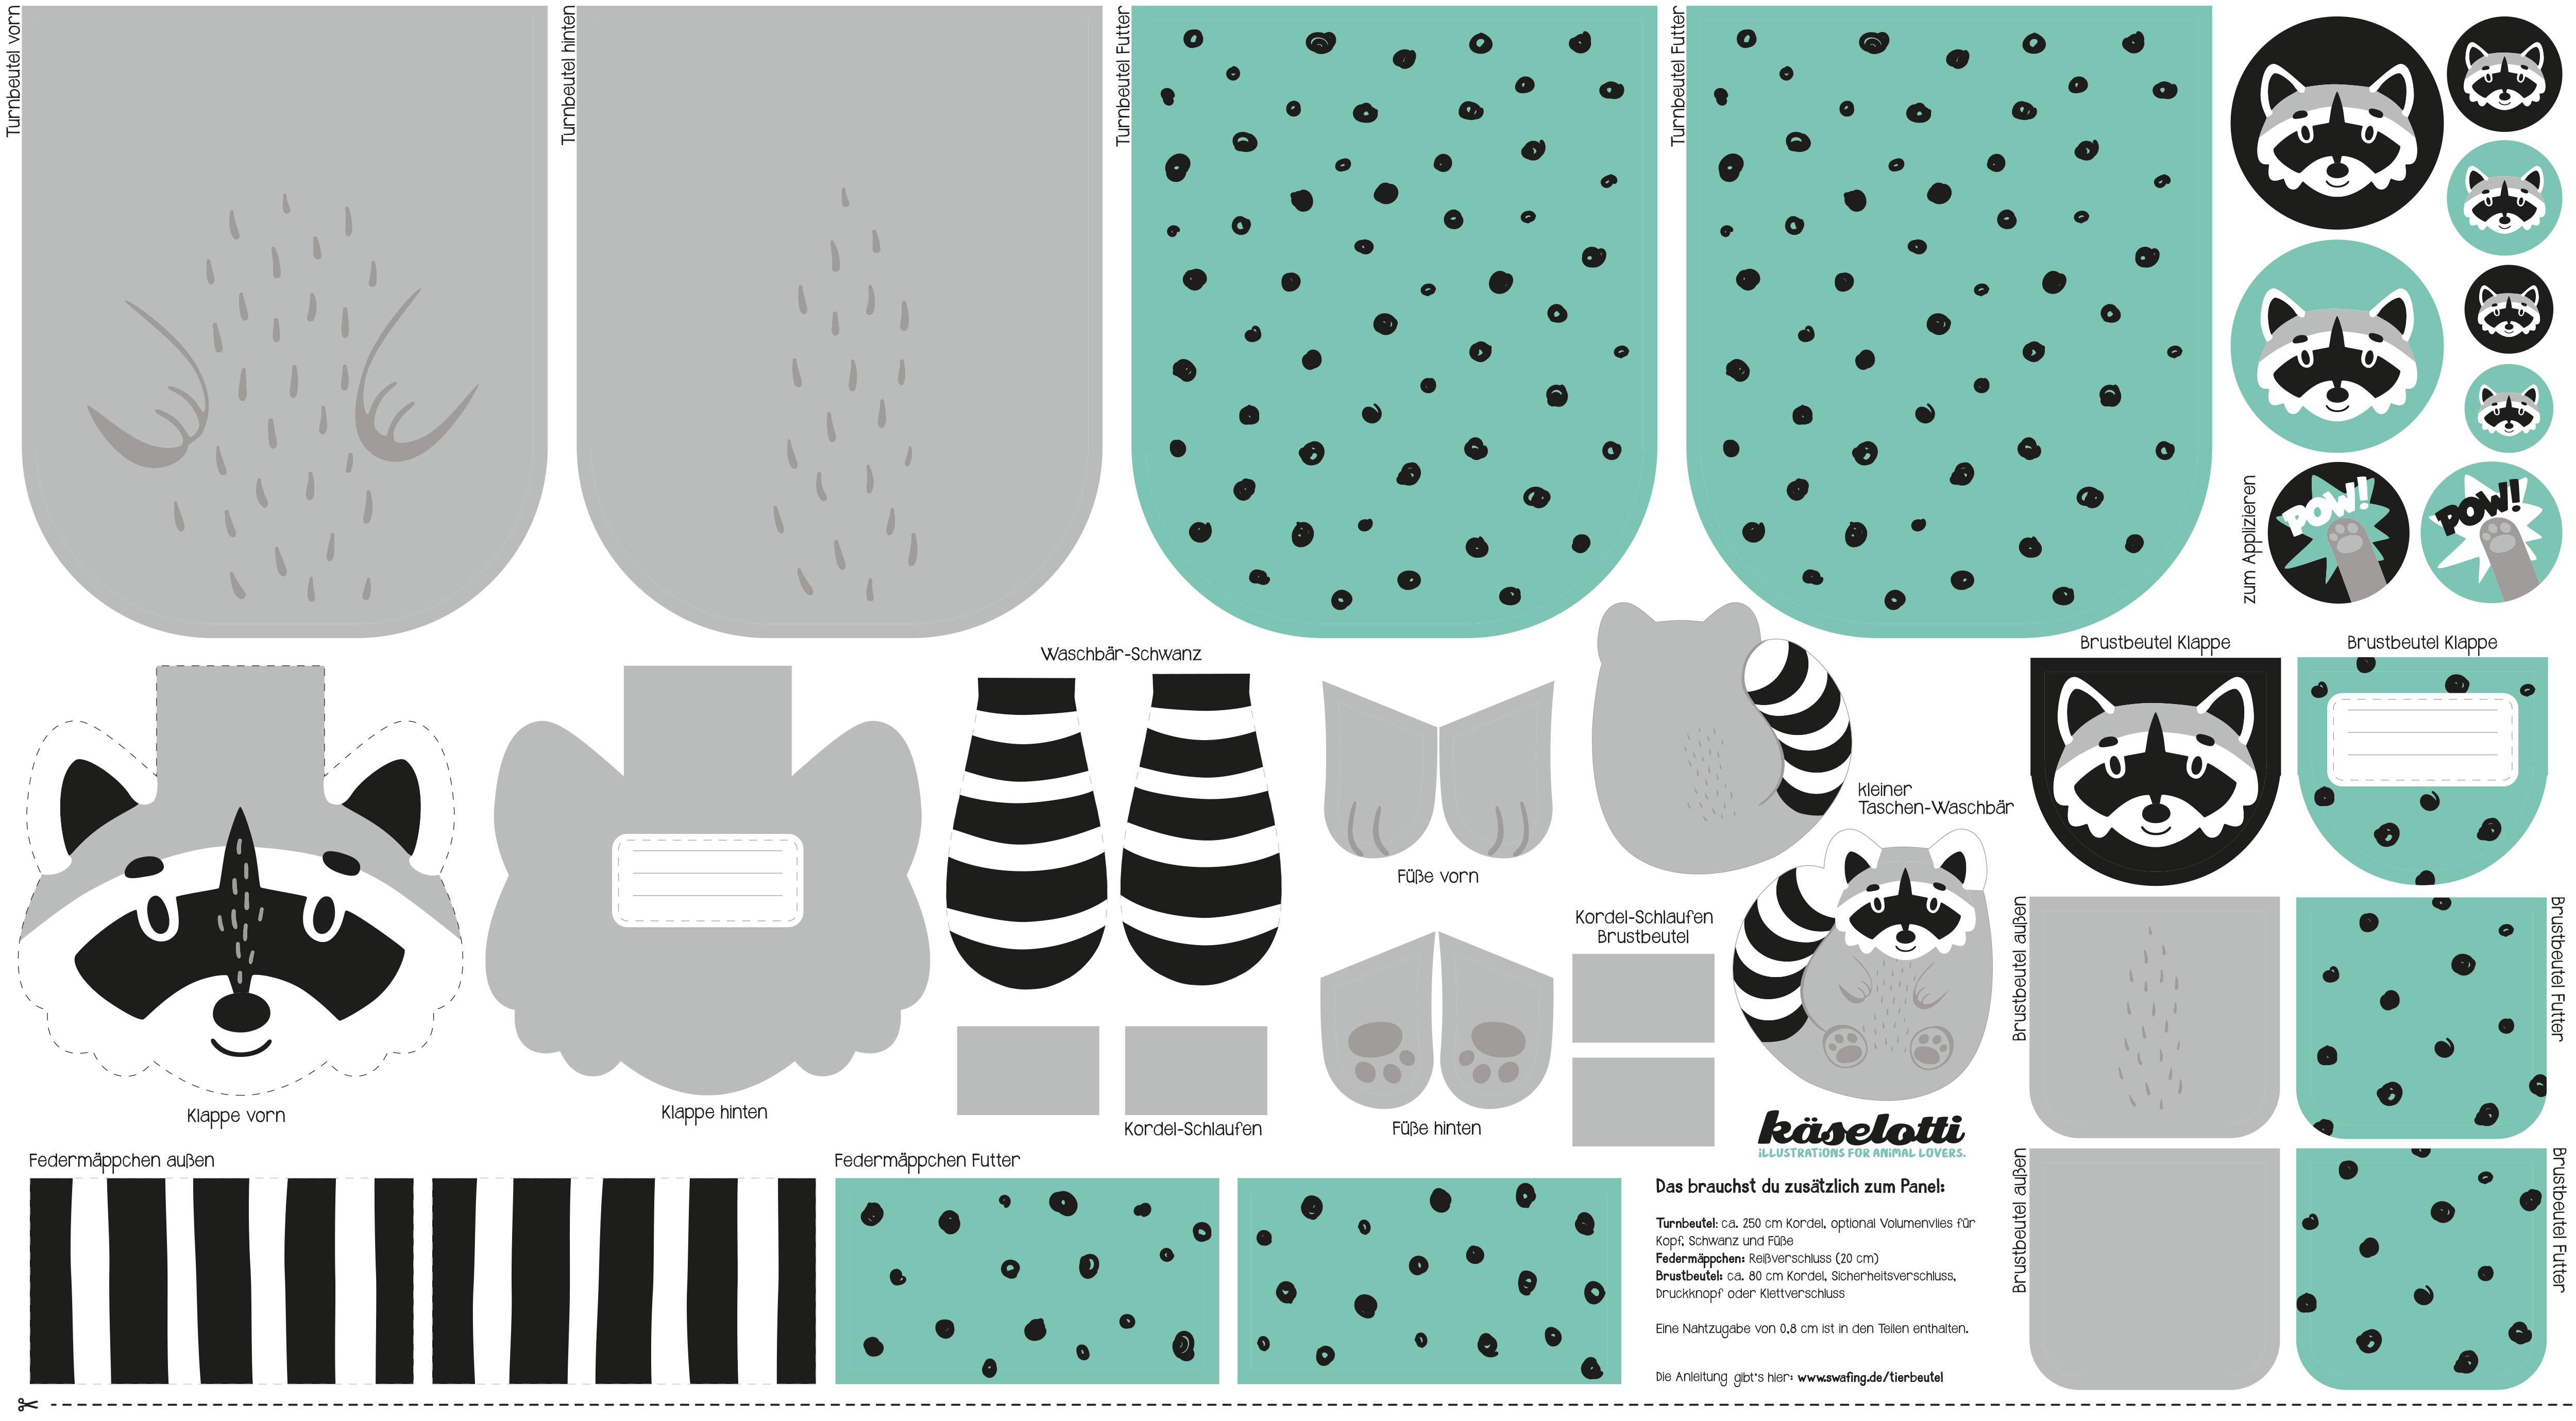 Canvas - Taschen Panel - Tierbeutel by käselotti - 80cm x 150cm - Waschbär